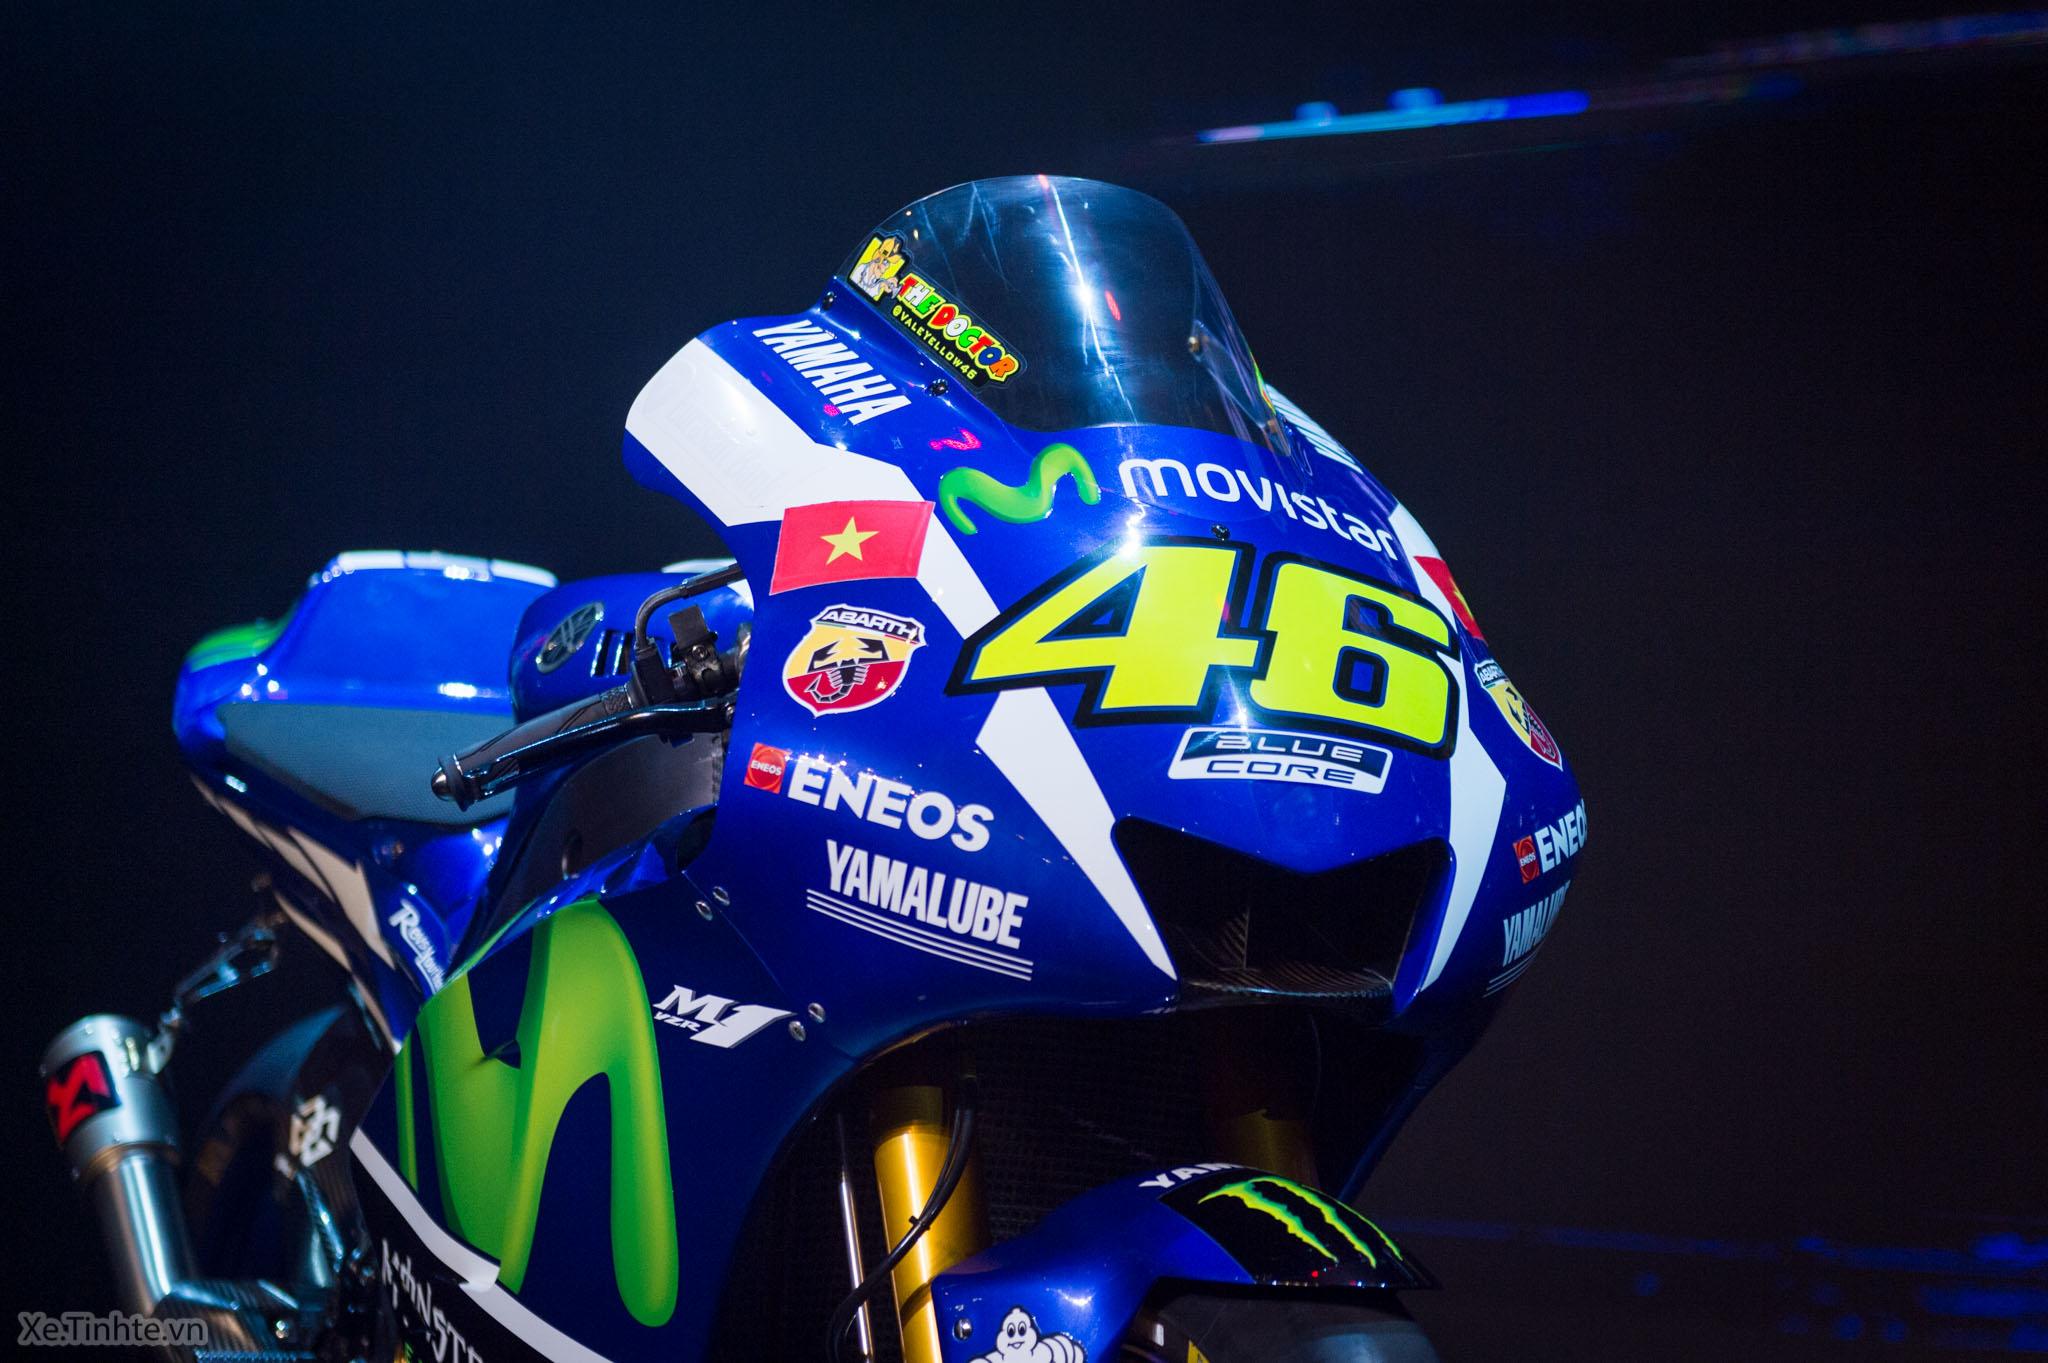 Xe.Tinhte.vn-Yamaha-Motor-Vietnam-MotoGP-5.jpg